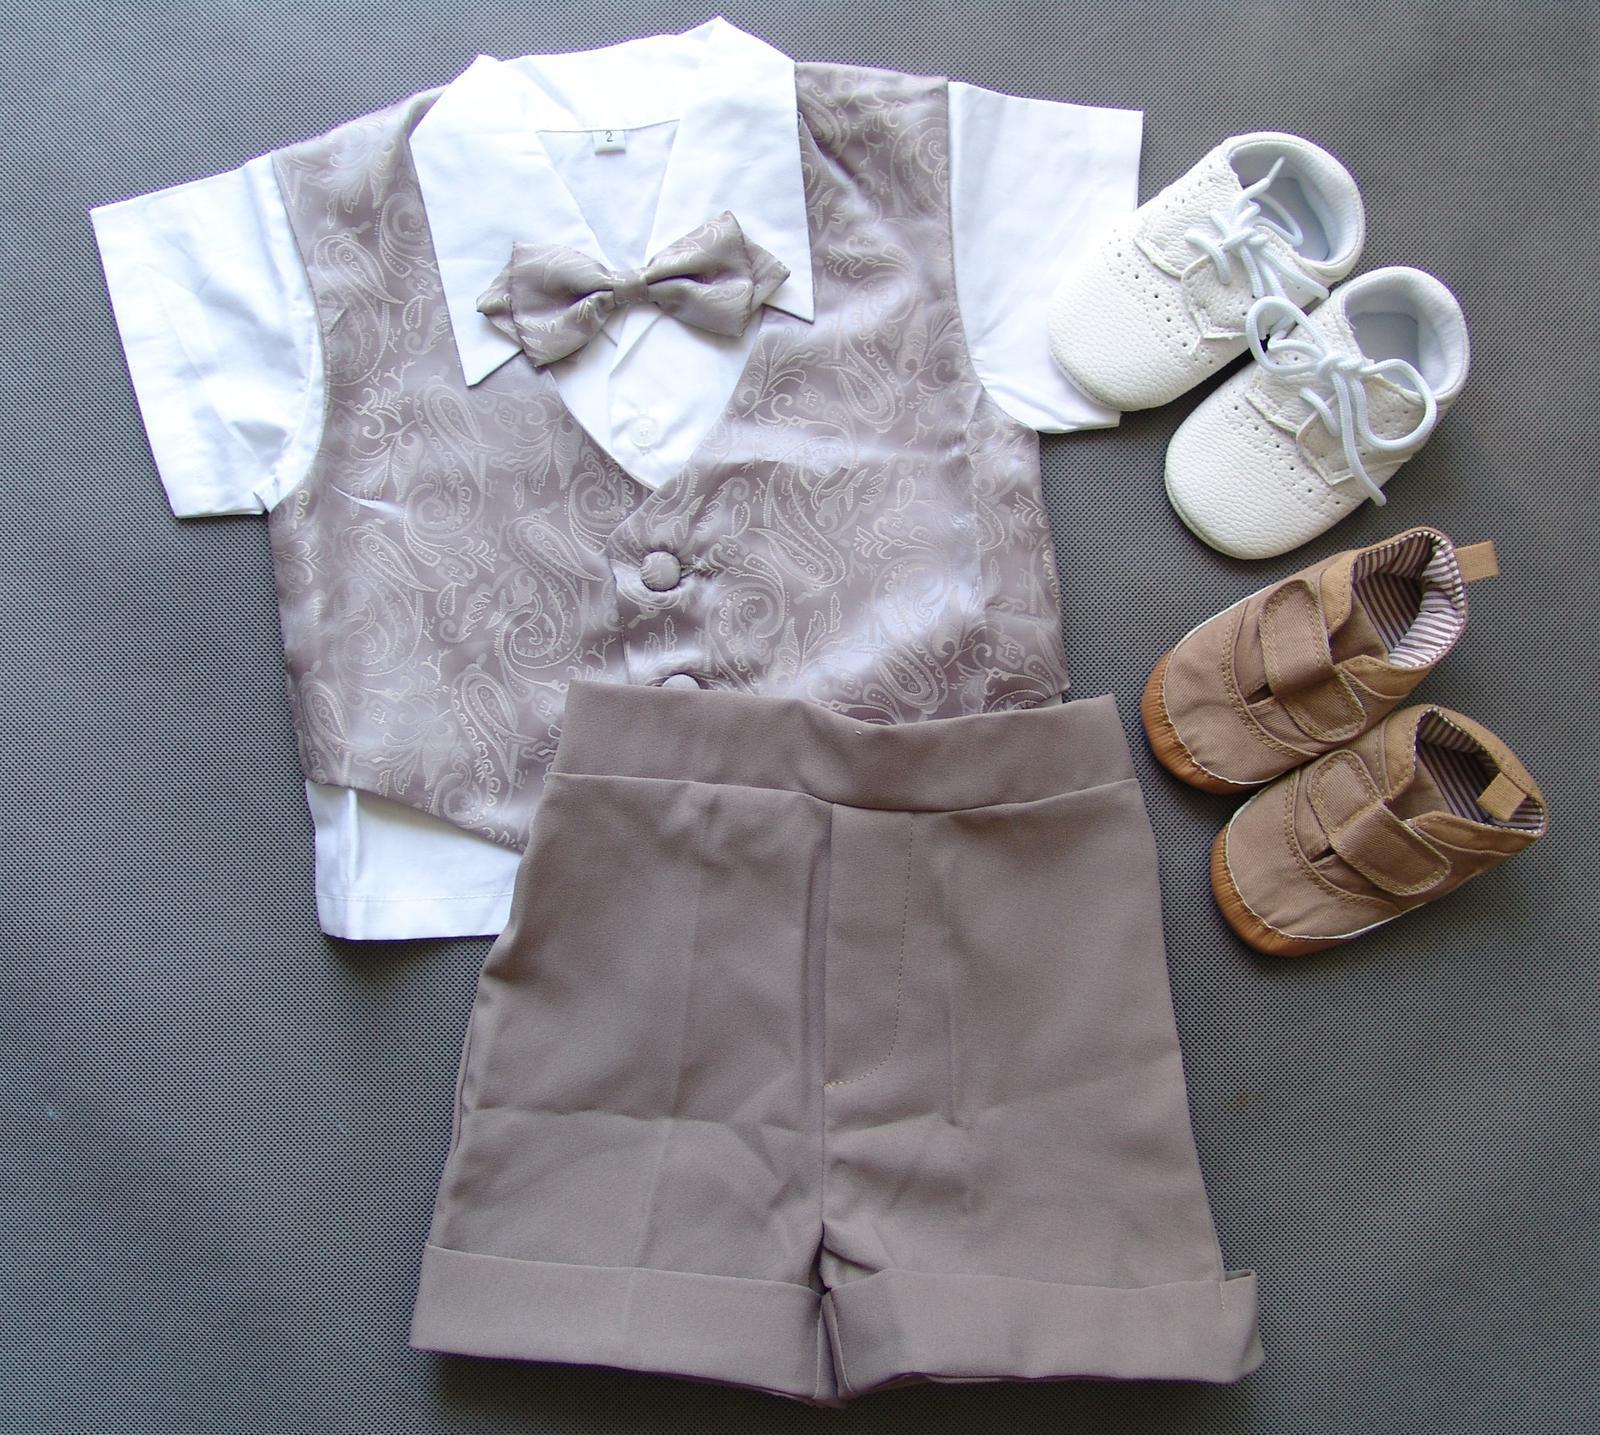 SKLADEM - letní oblek k zapůjčení, 1-2 roky - Obrázek č. 4